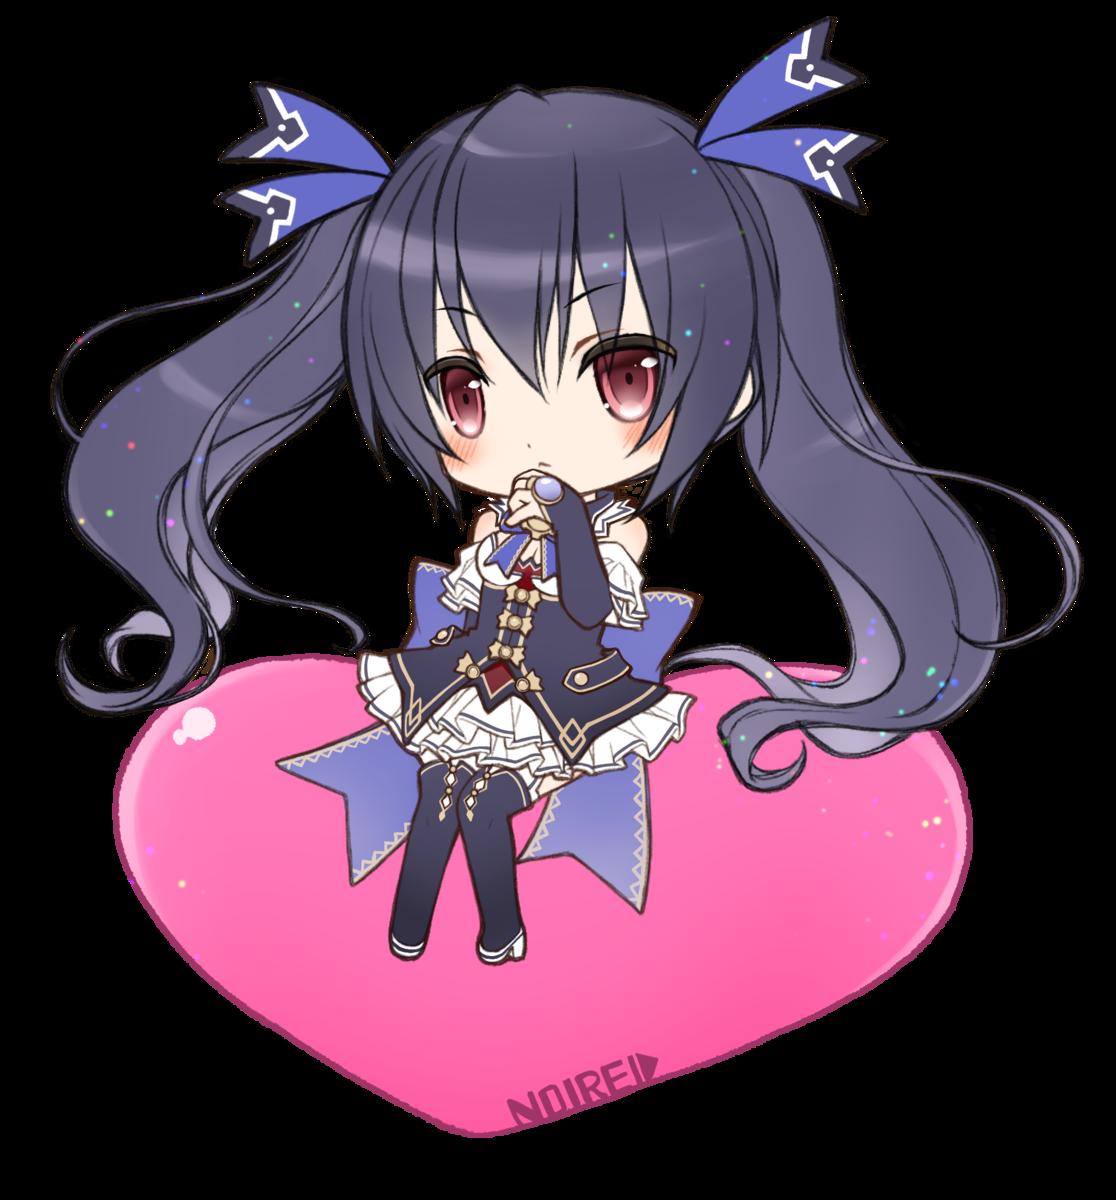 f:id:takasawaruu:20200306213459p:plain